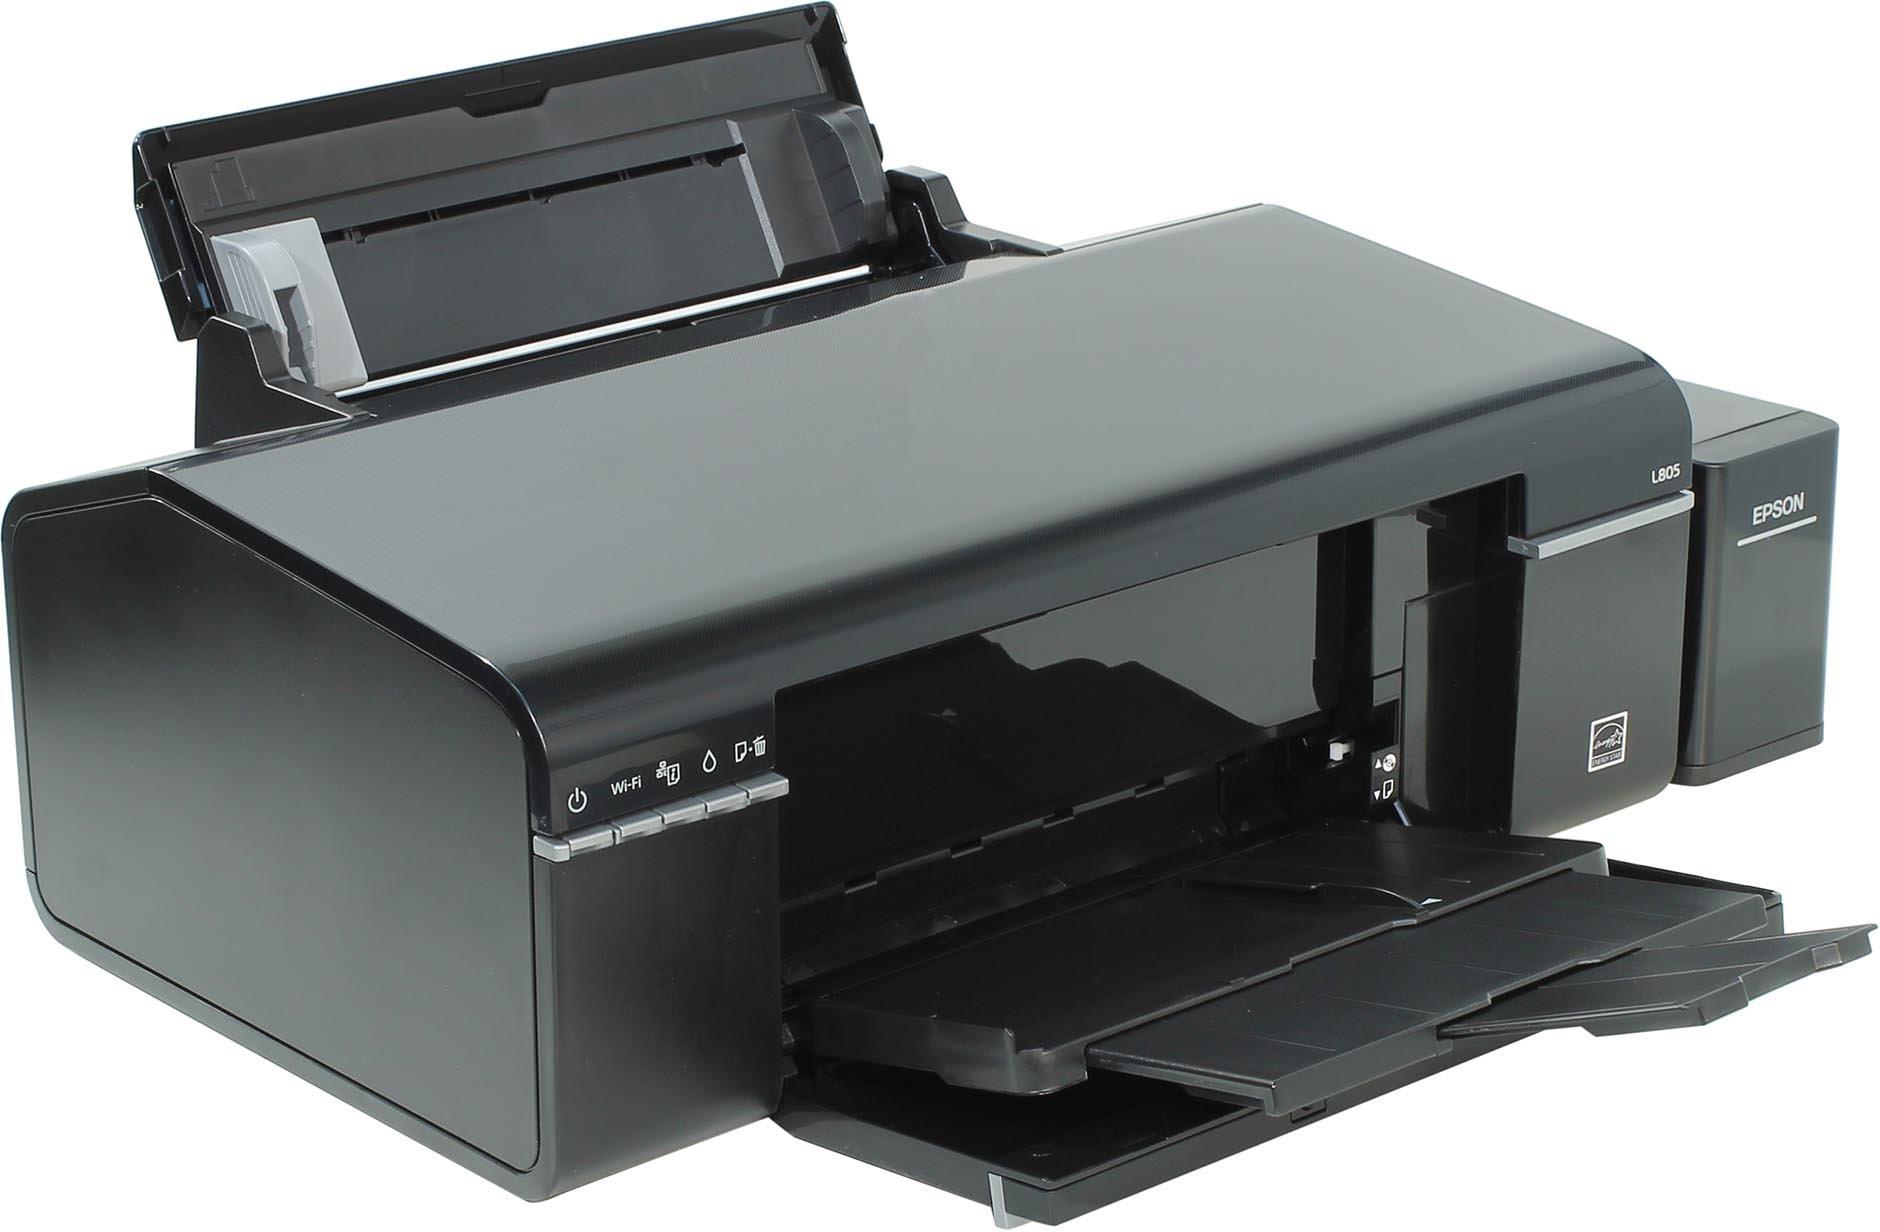 Epson L805.